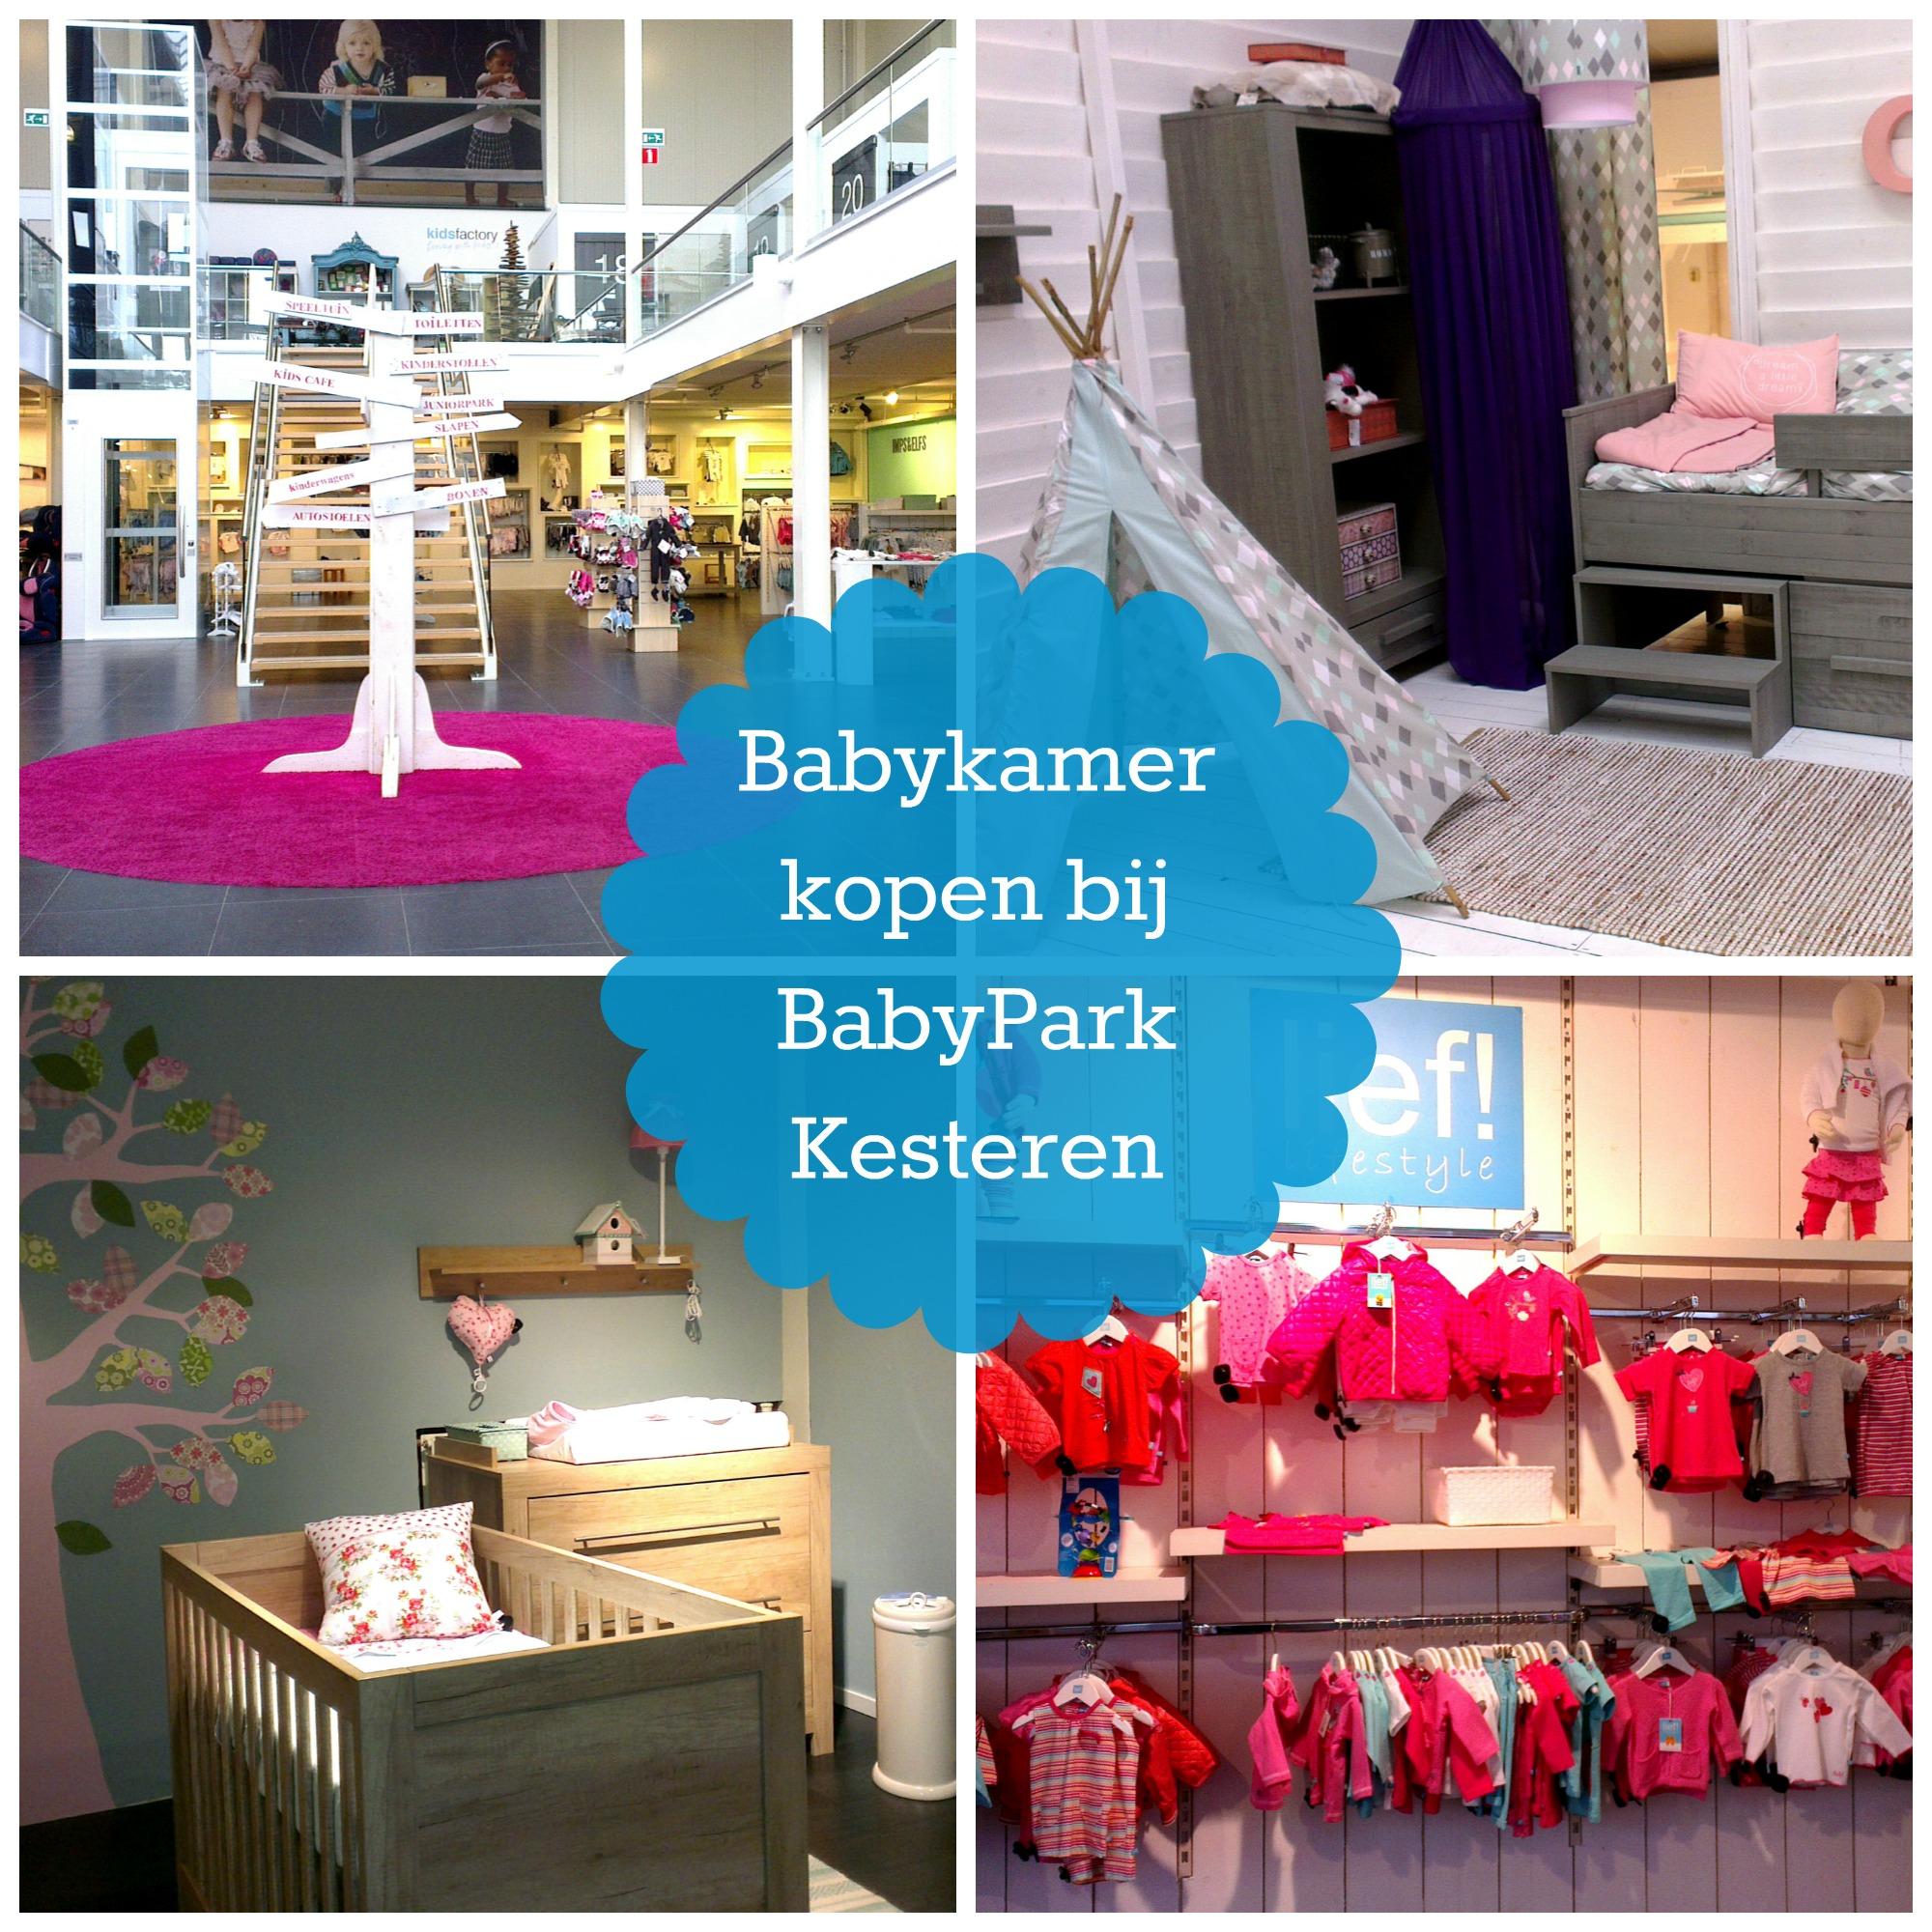 babykamer kopen bij babypark kesteren - goodgirlscompany, Deco ideeën